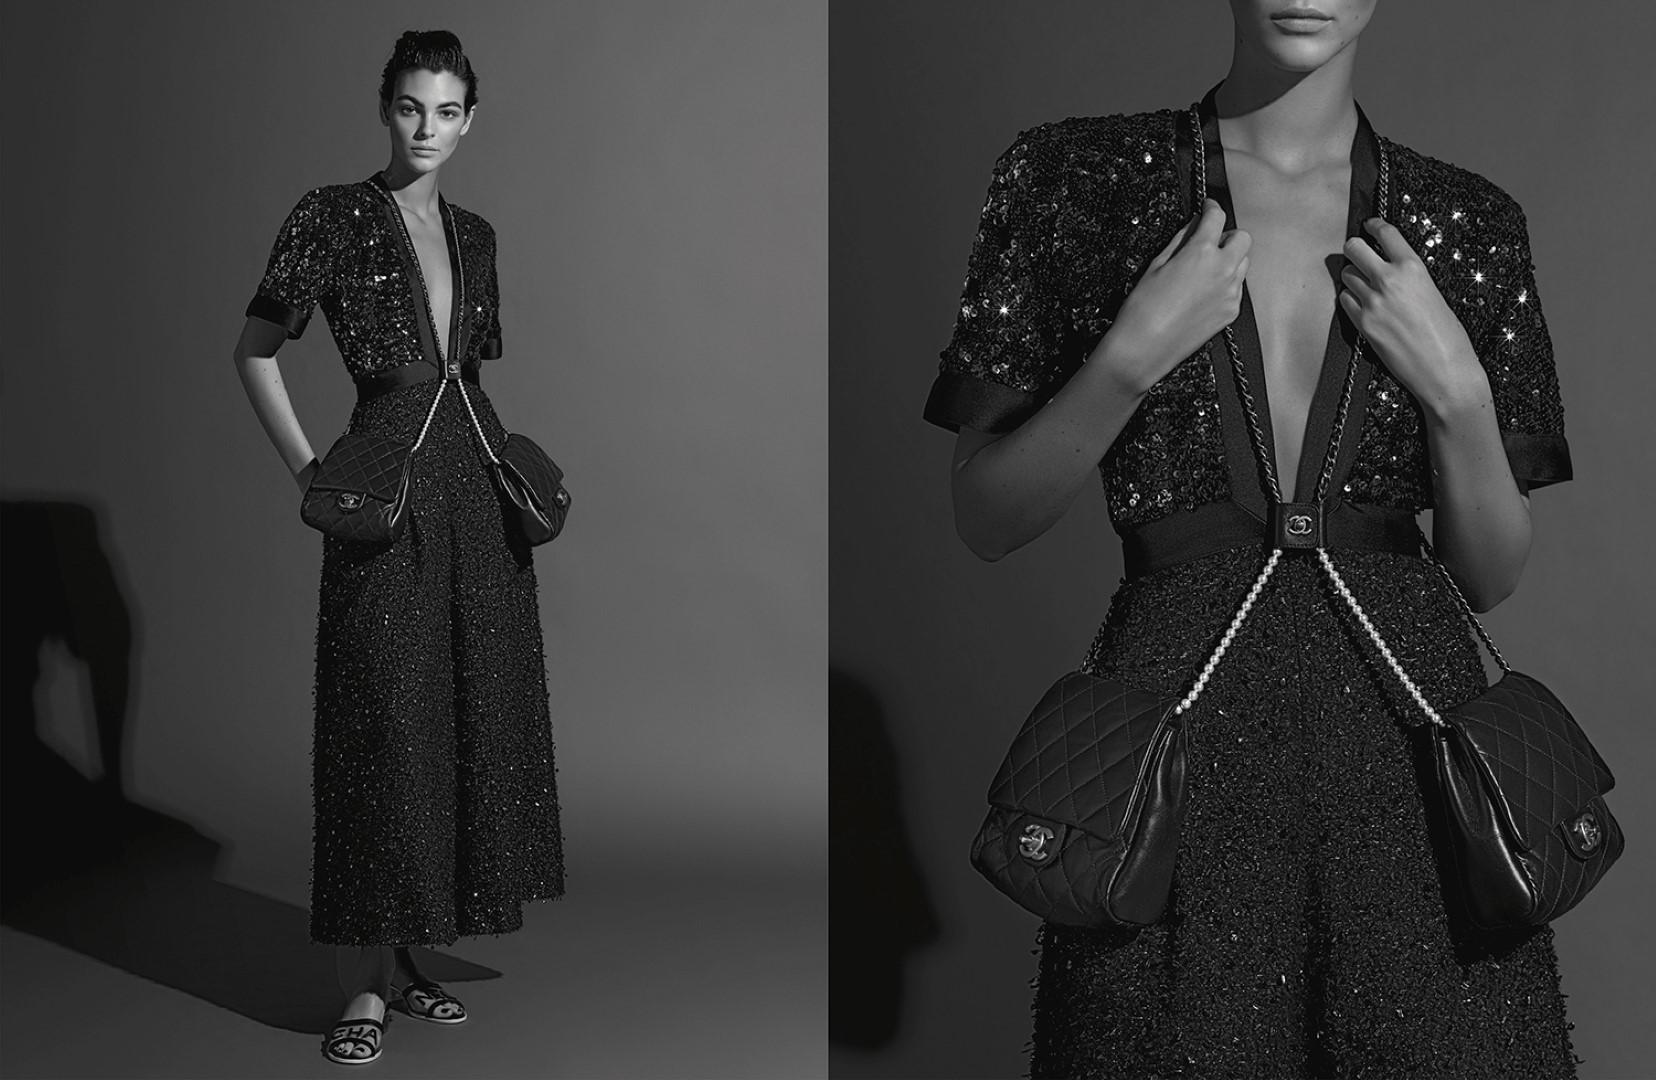 Chanel borsa side-packs 2019